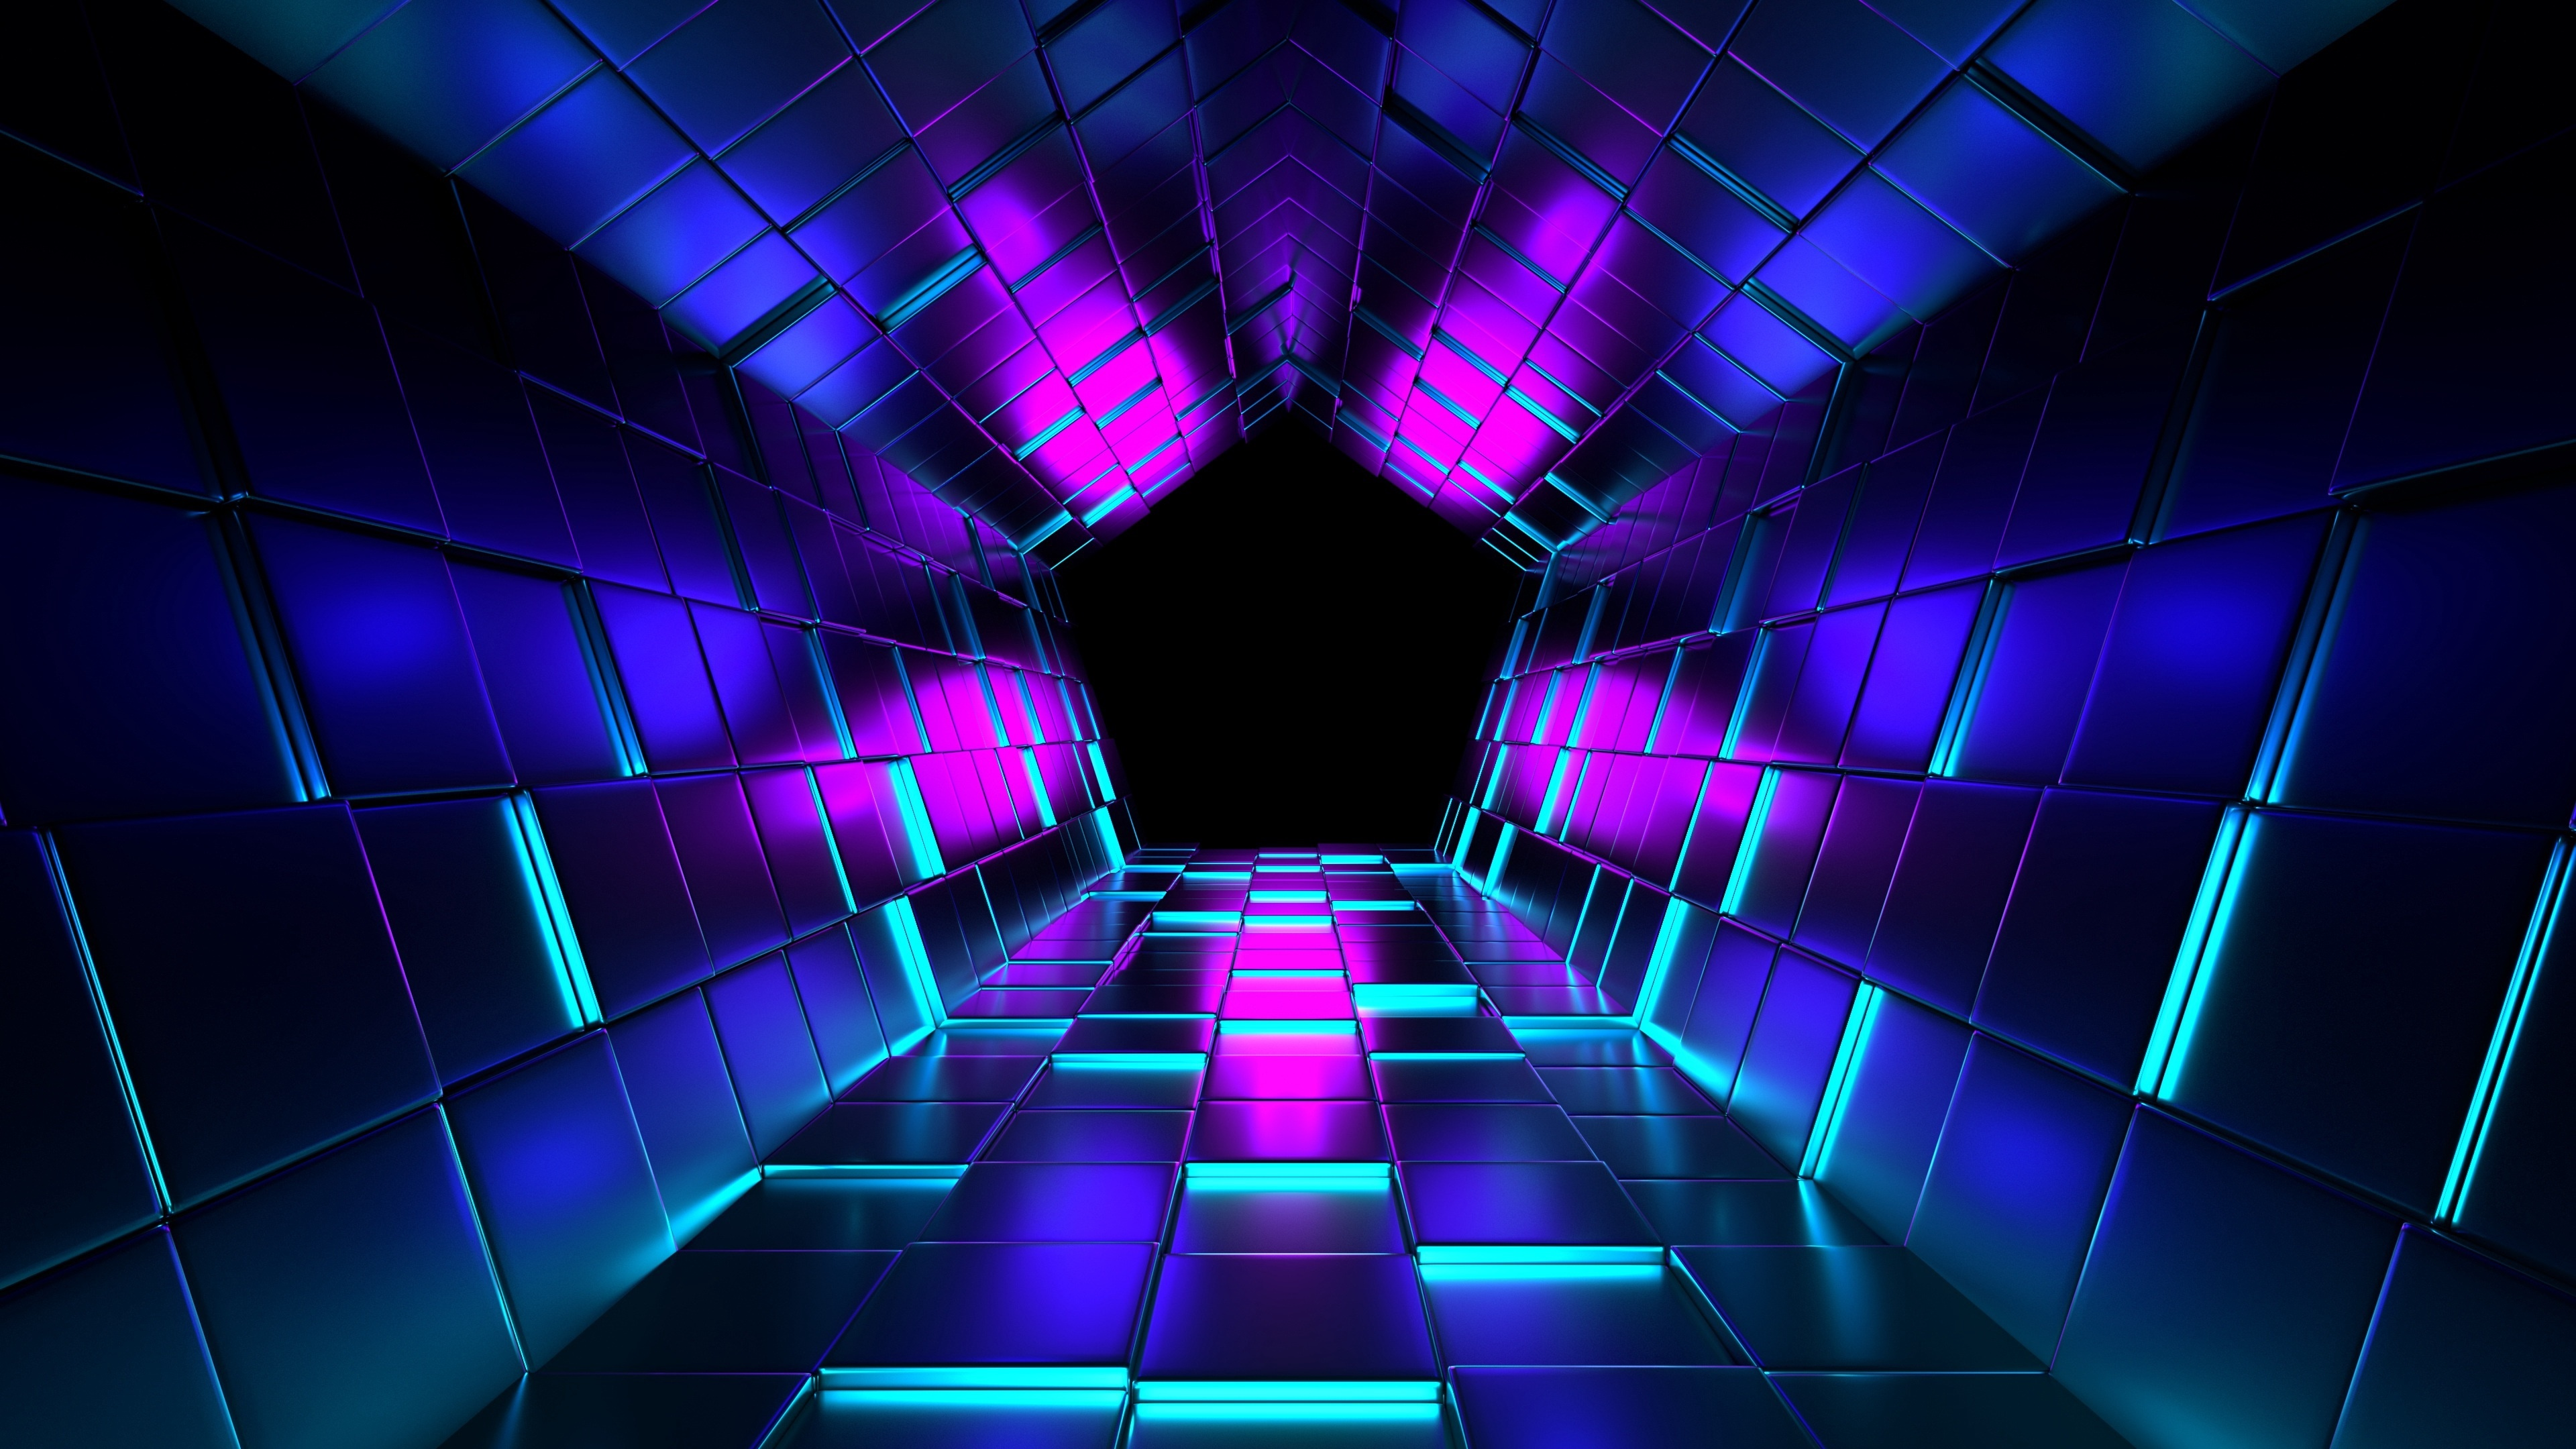 tunel pentagono con luces de neon 3480